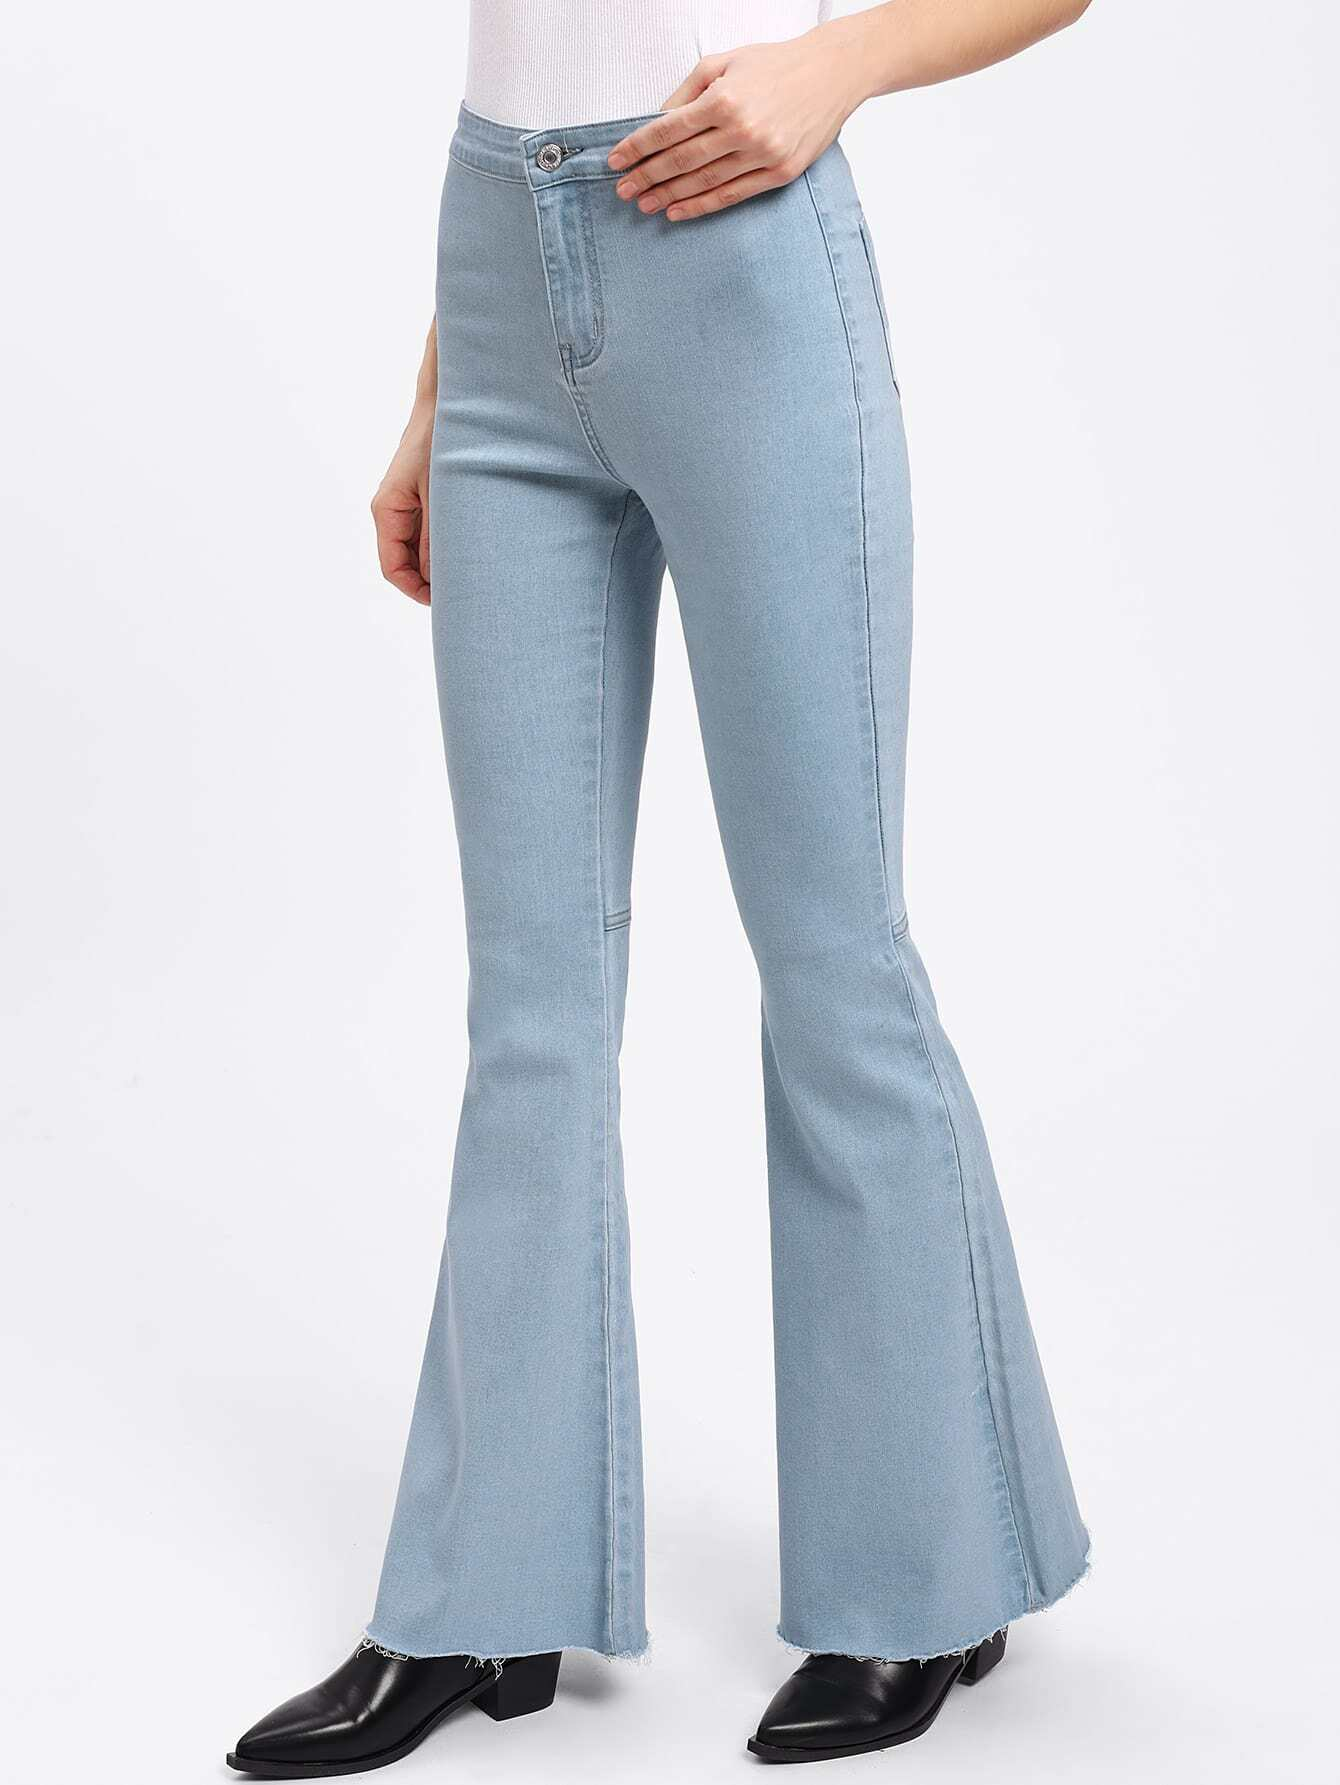 Raw Hem Flared Jeans джинсы мужские g star raw 604046 gs g star arc